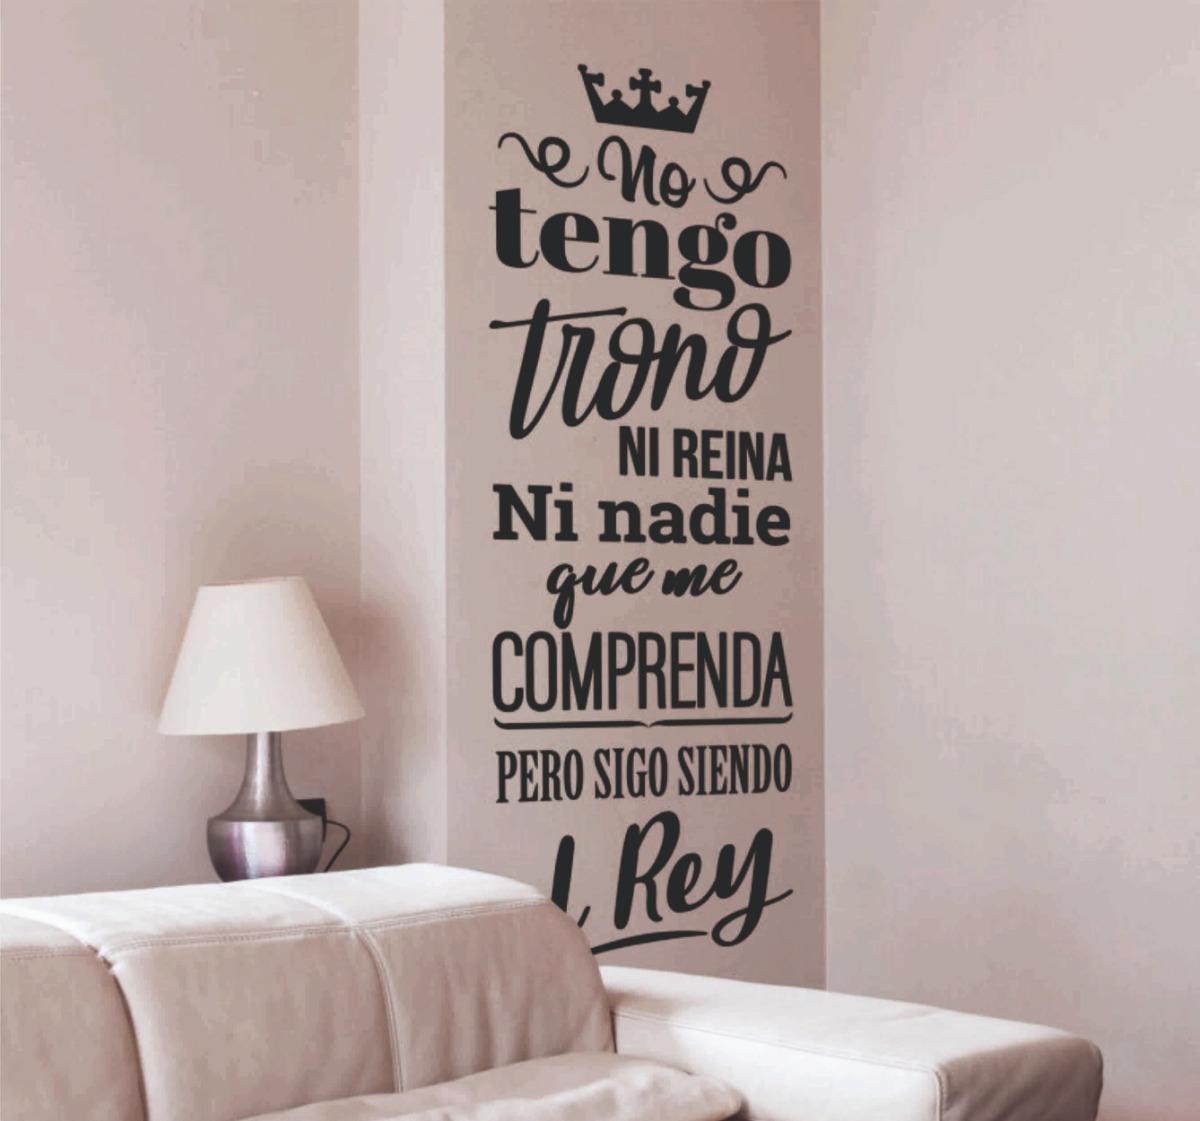 Vinilos Decorativos Frases Textos Comedor 60 X 1.10 - $ 790,00 en ...